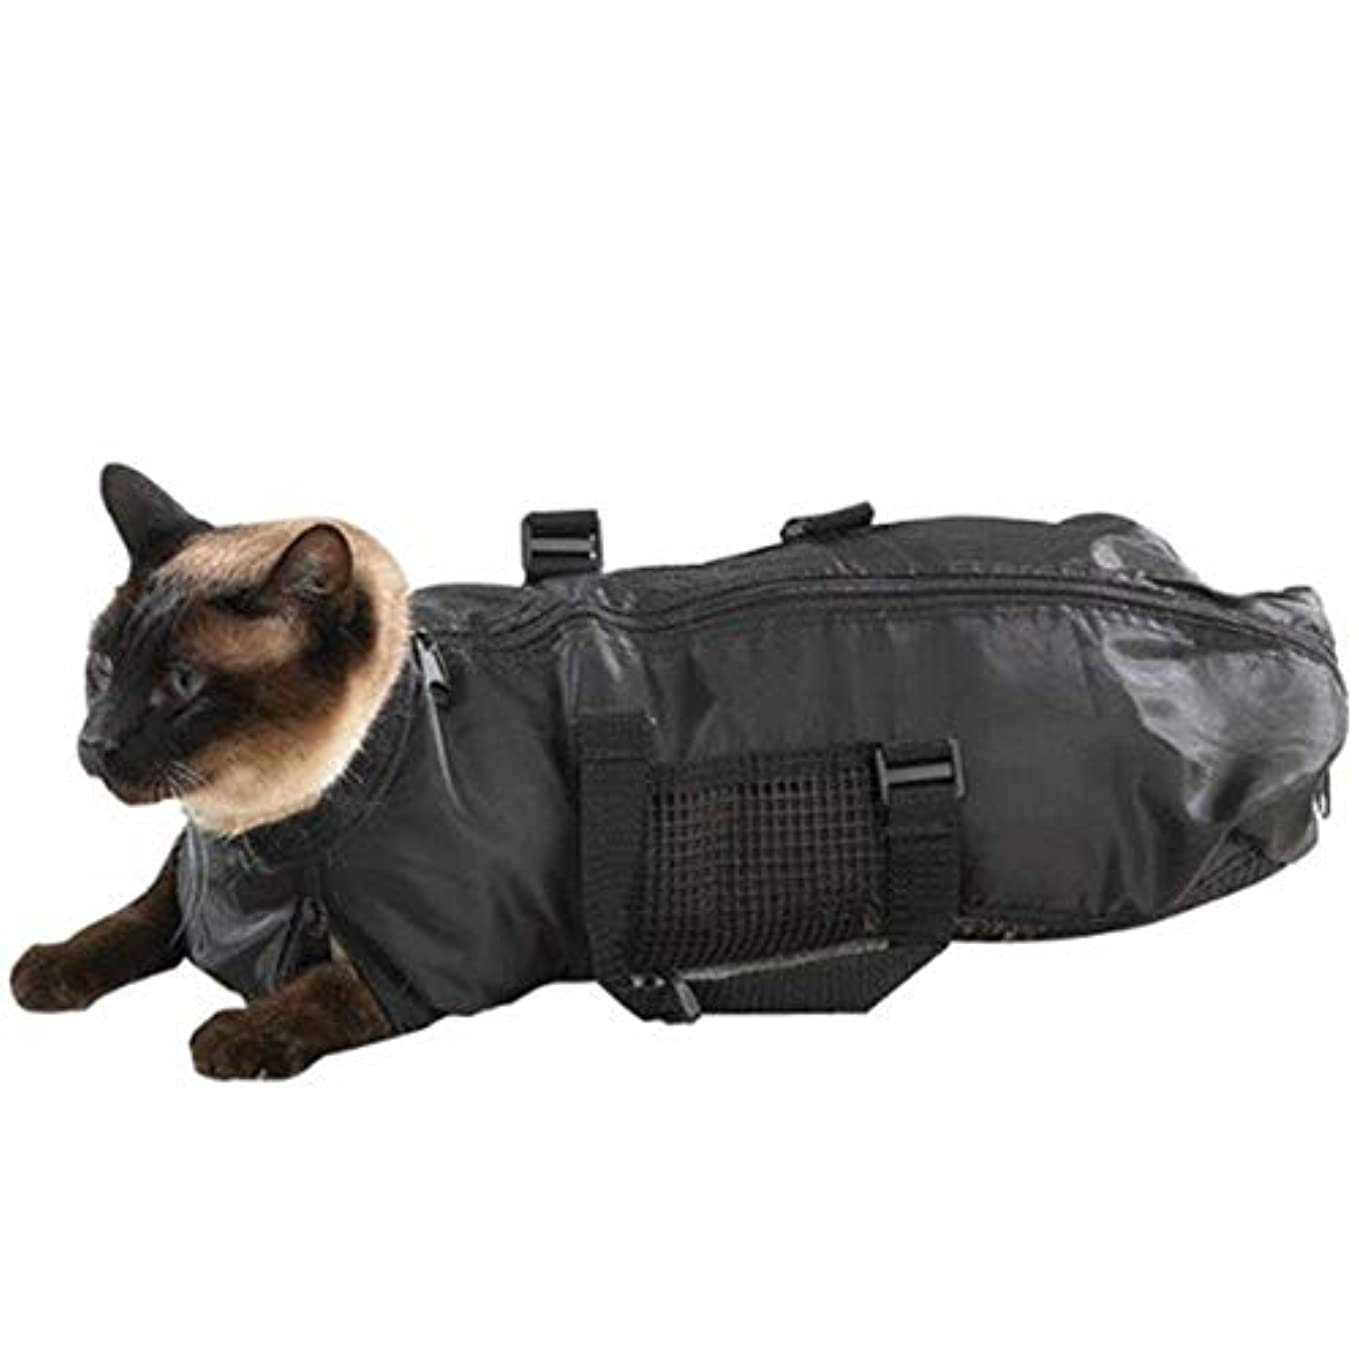 生じるラフレシアアルノルディ振り返るSaikogoods ネイルクリッピングお風呂のための猫グルーミングバッグ 耐久性に優れ ノースクラッチ 噛み拘束 多彩なバッグ ペットサプライ 黒